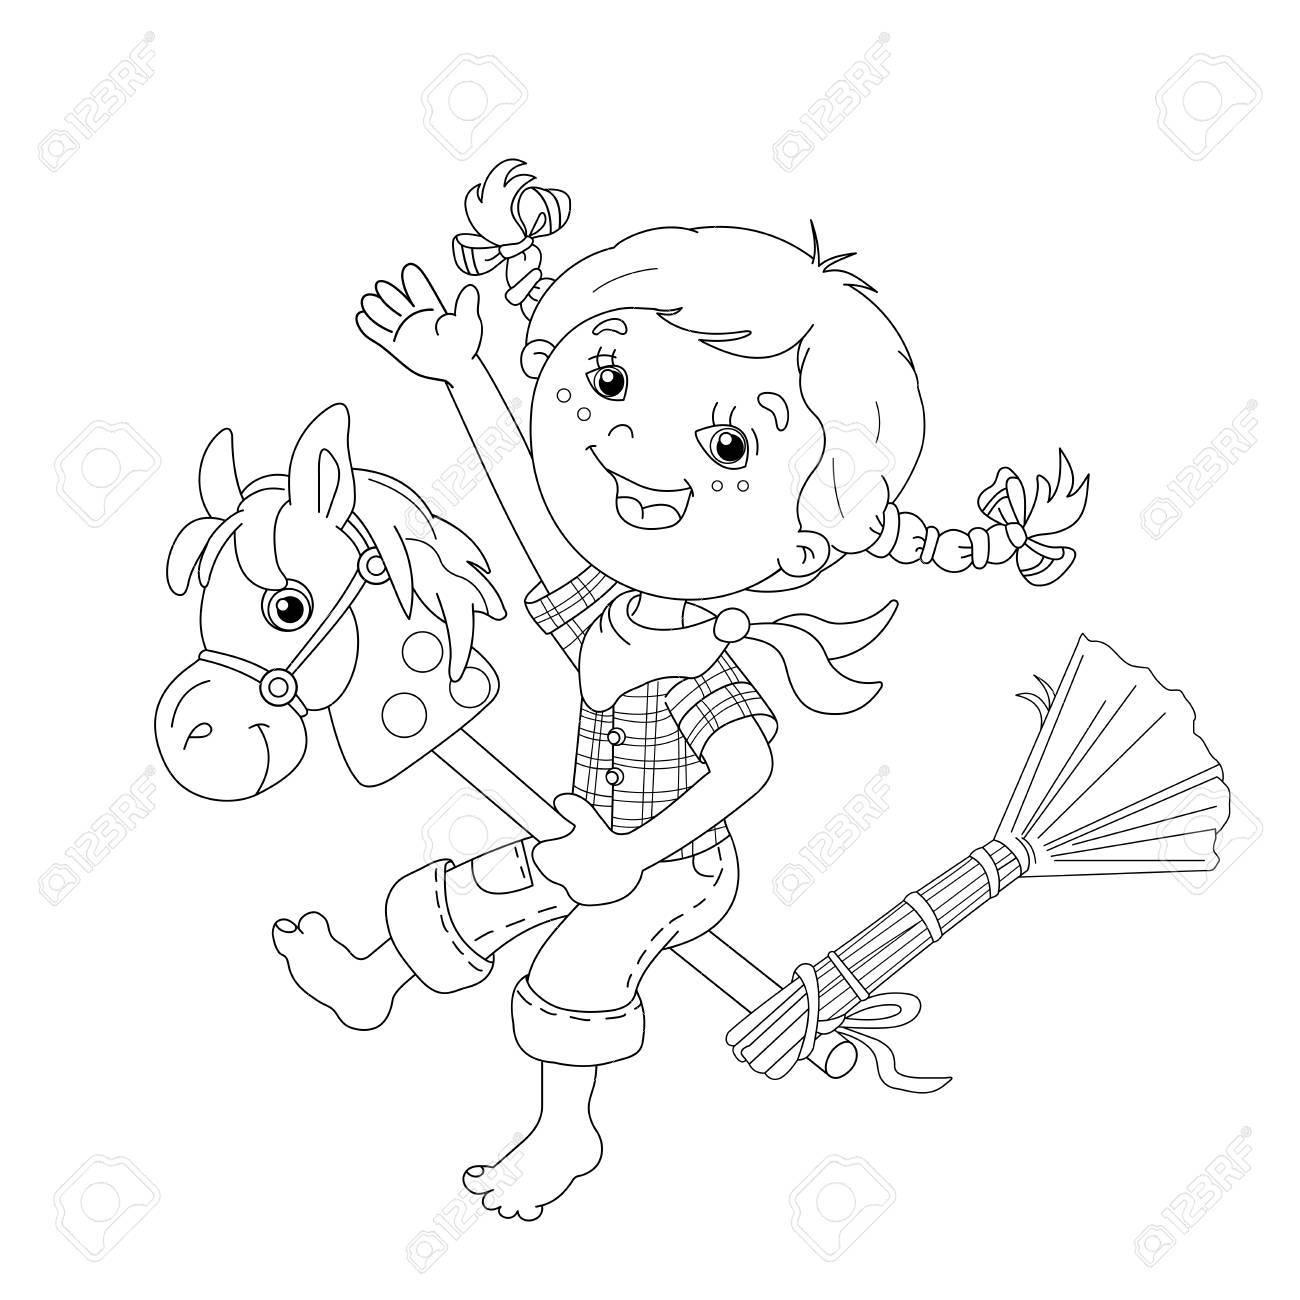 Página Para Colorear Esquema De La Chica De Dibujos Animados Que ...